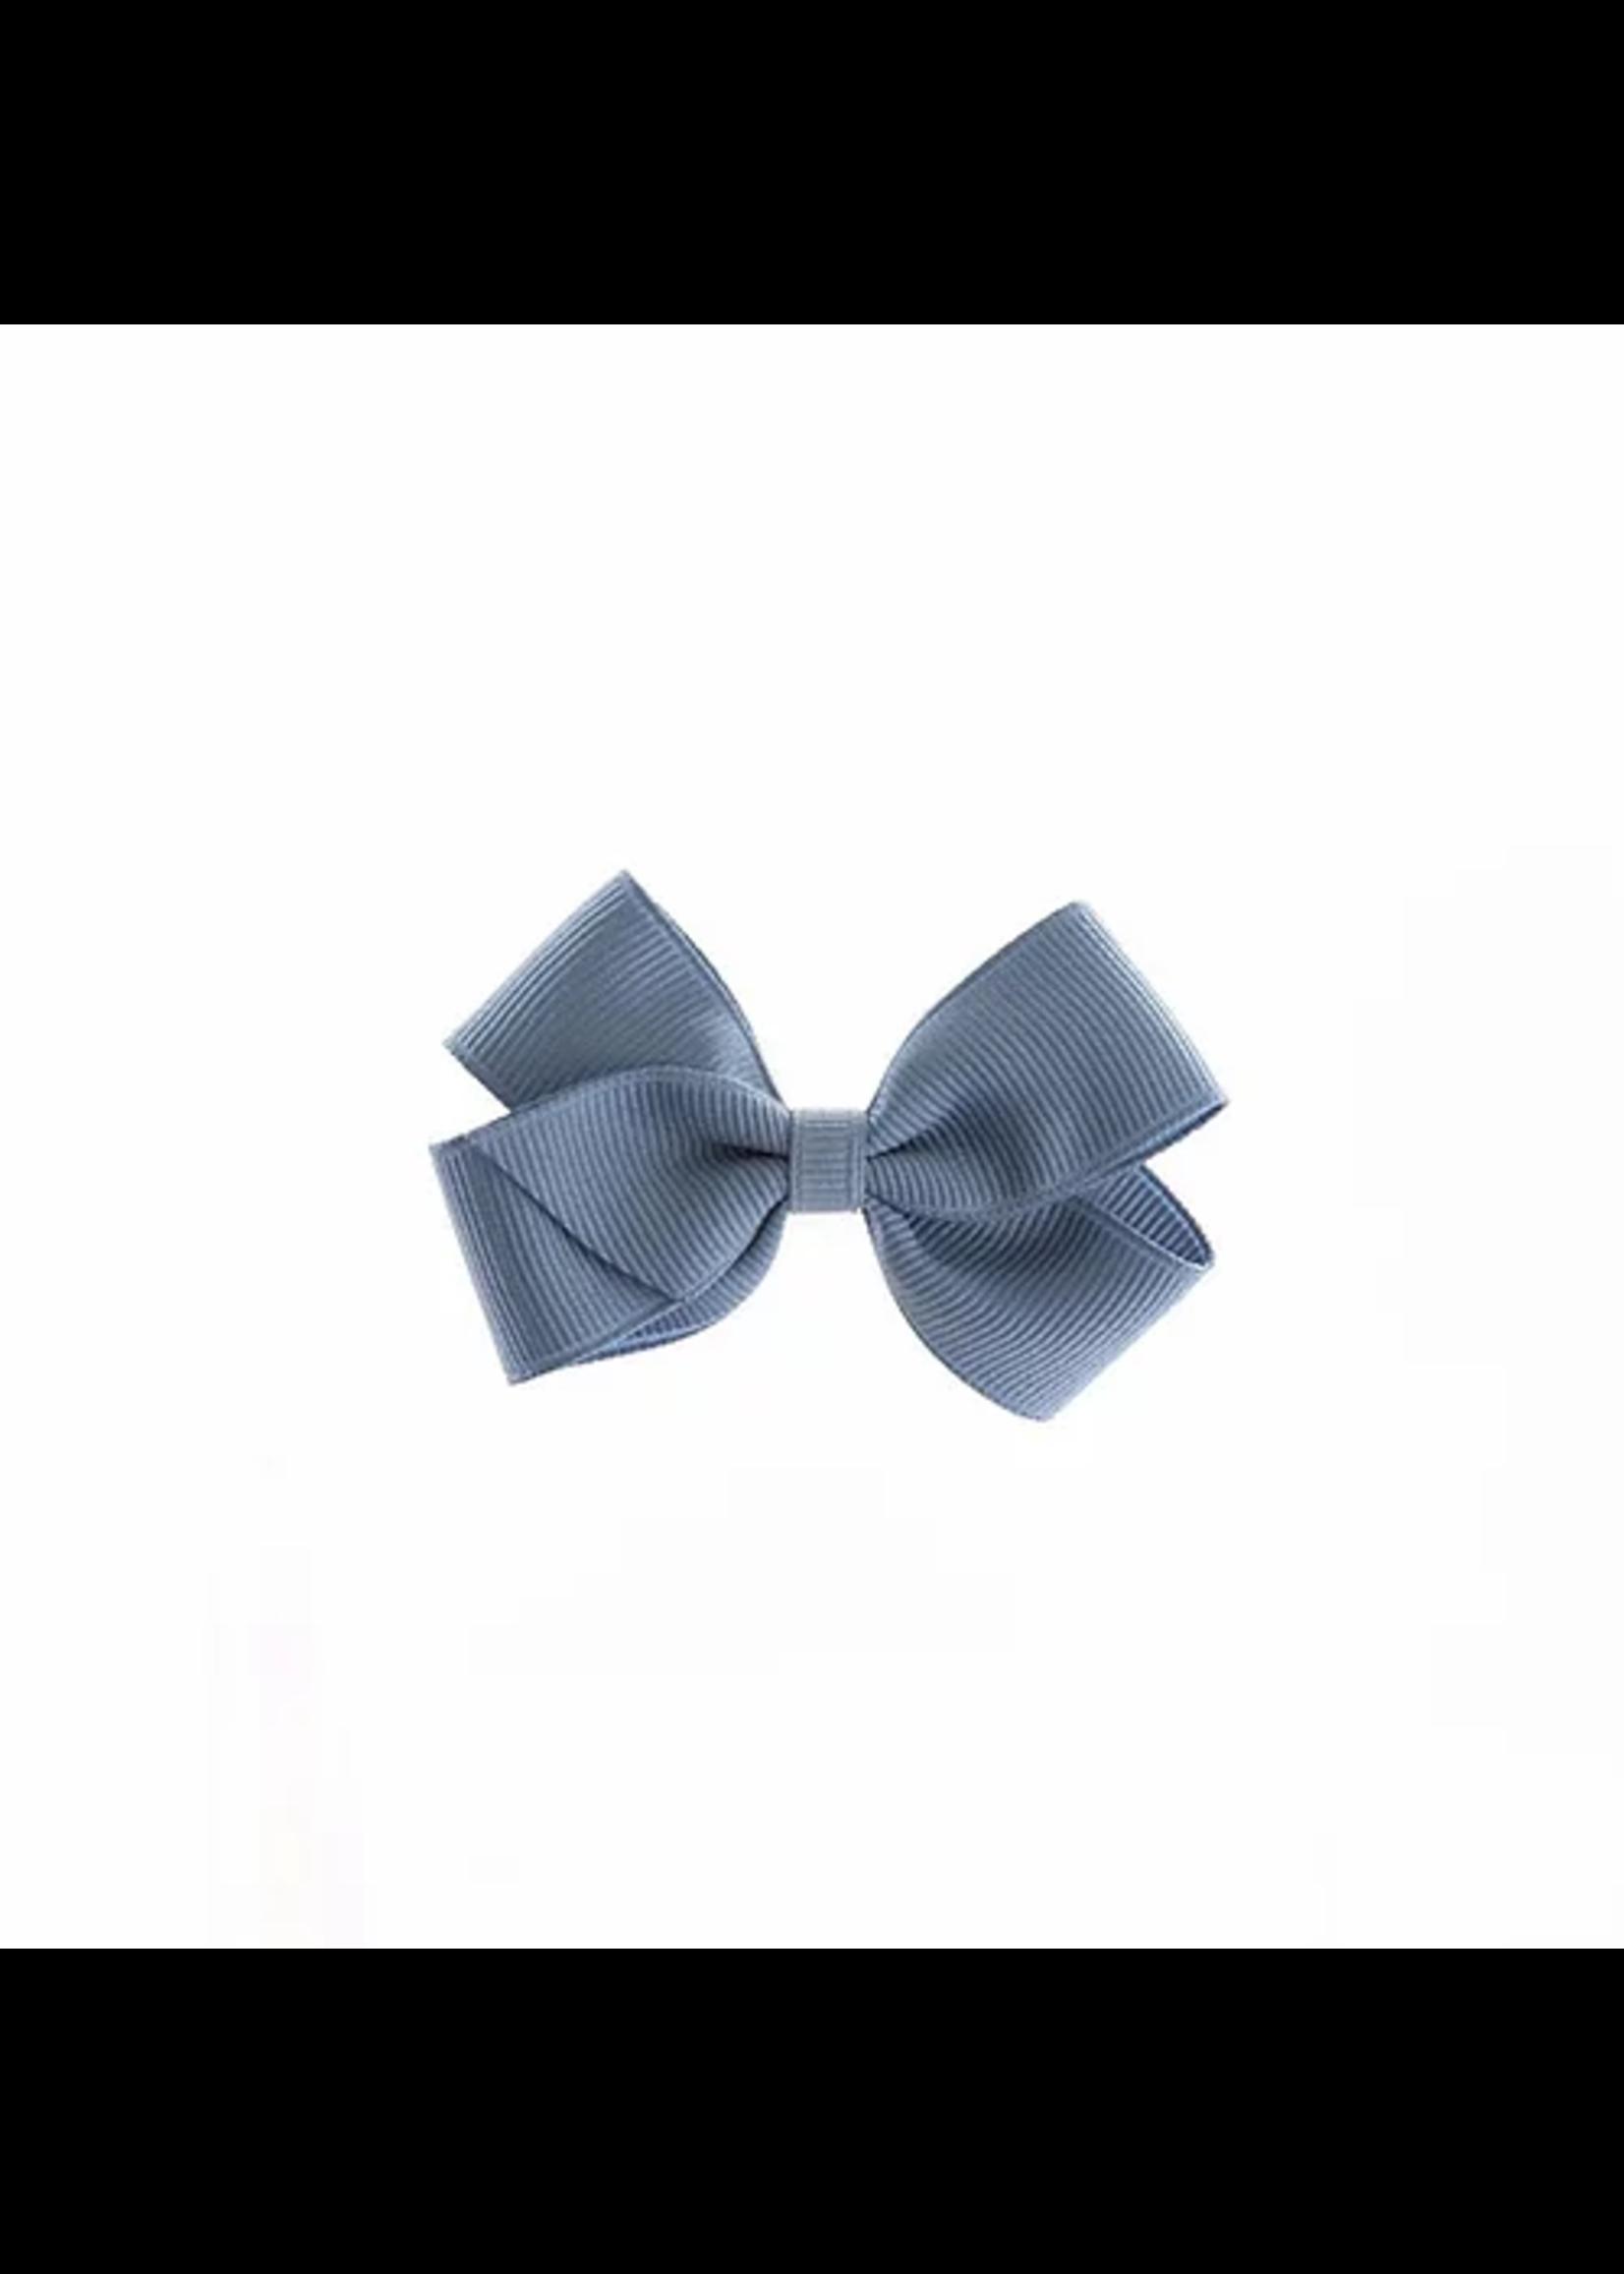 olilia Olilia Small London Bow (Antique Blue)